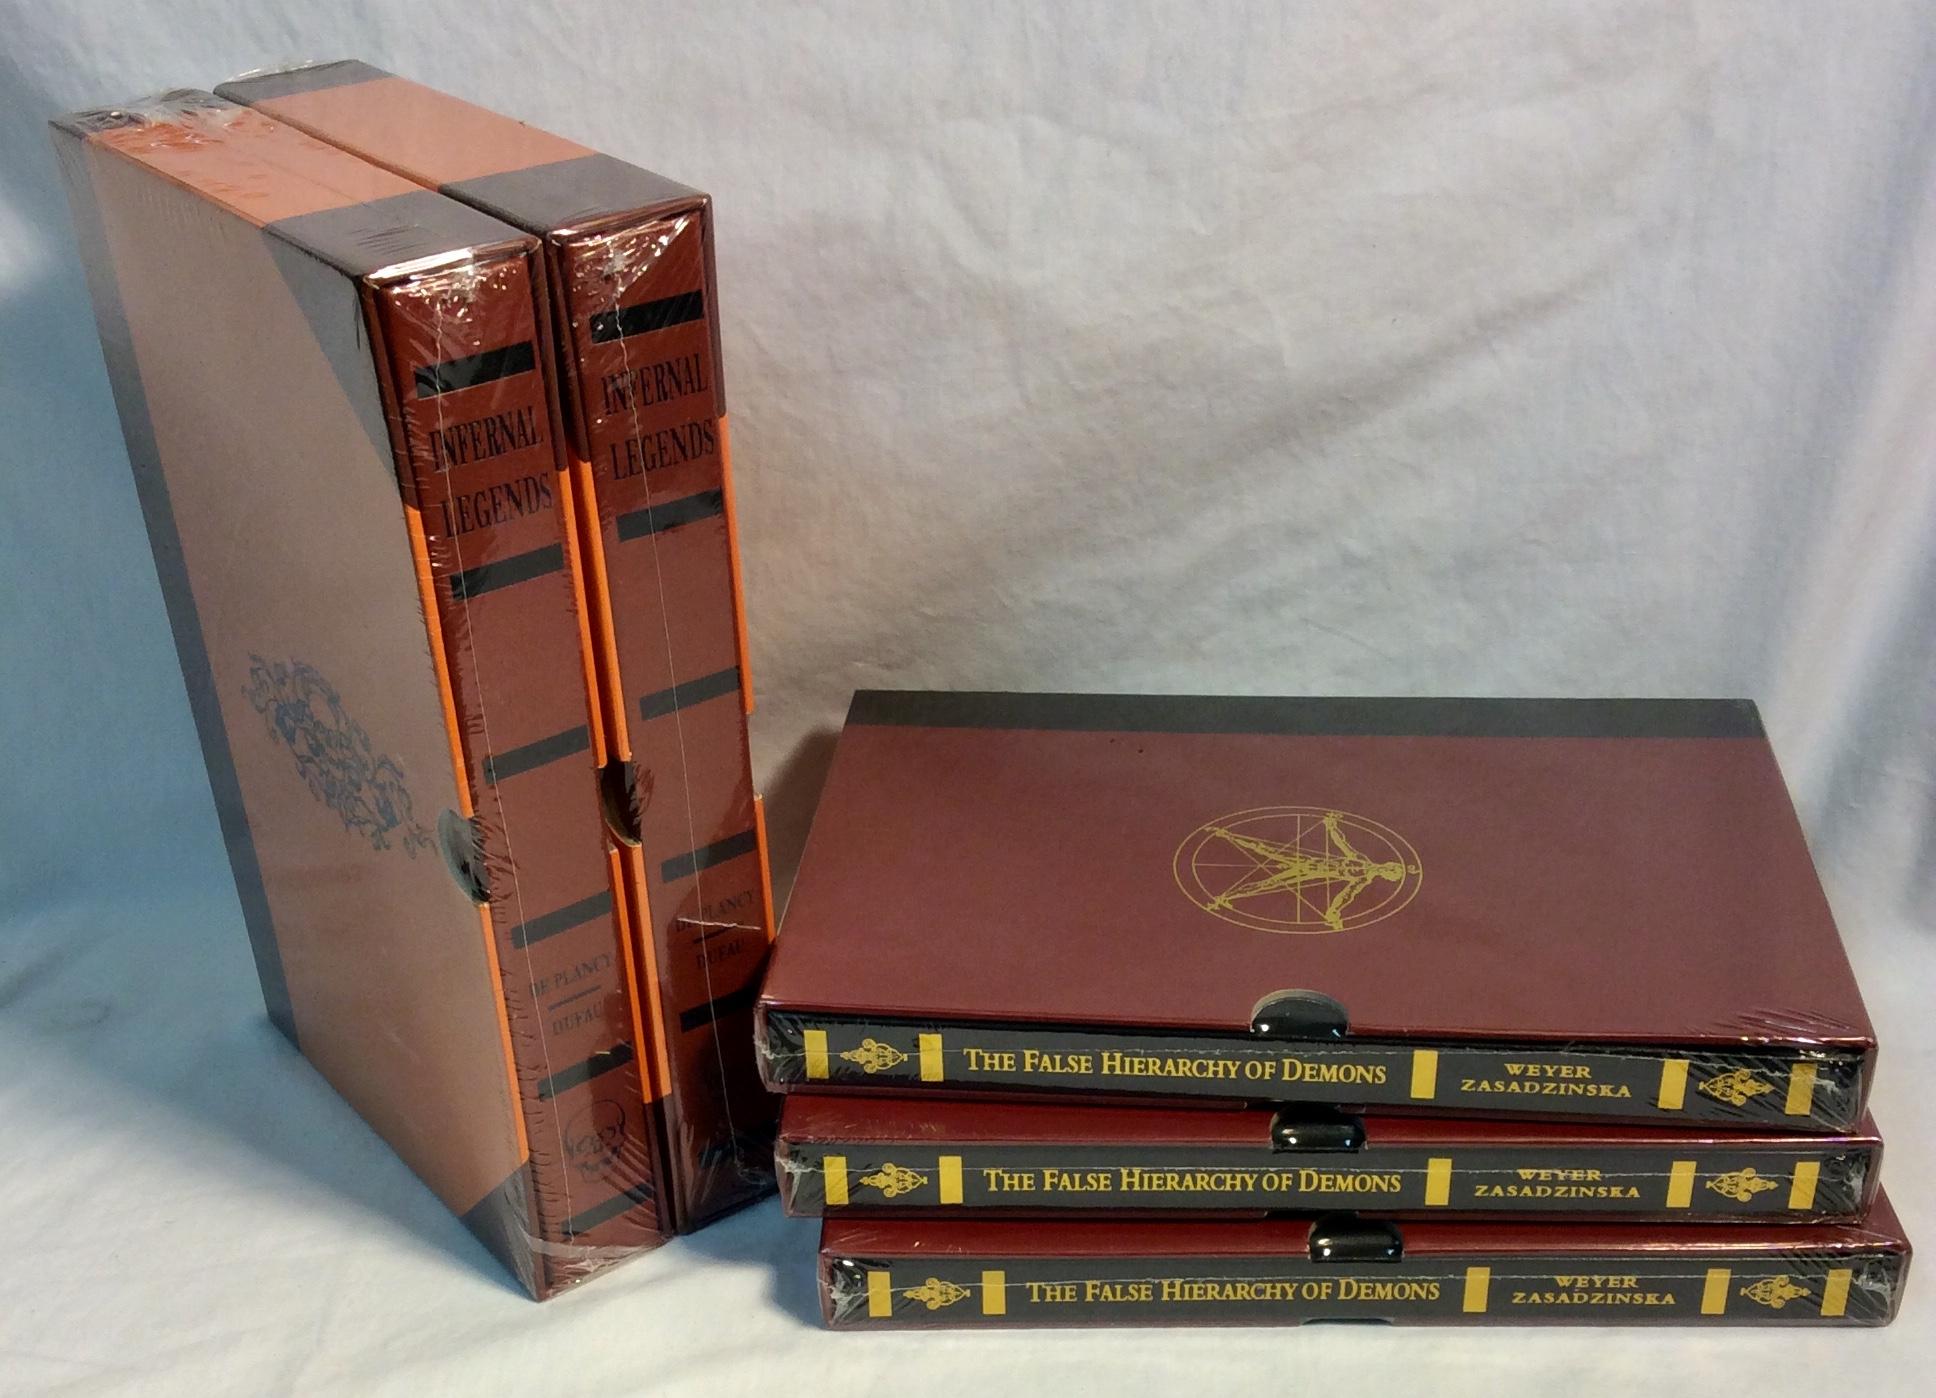 Demonology books - Infernal Legends